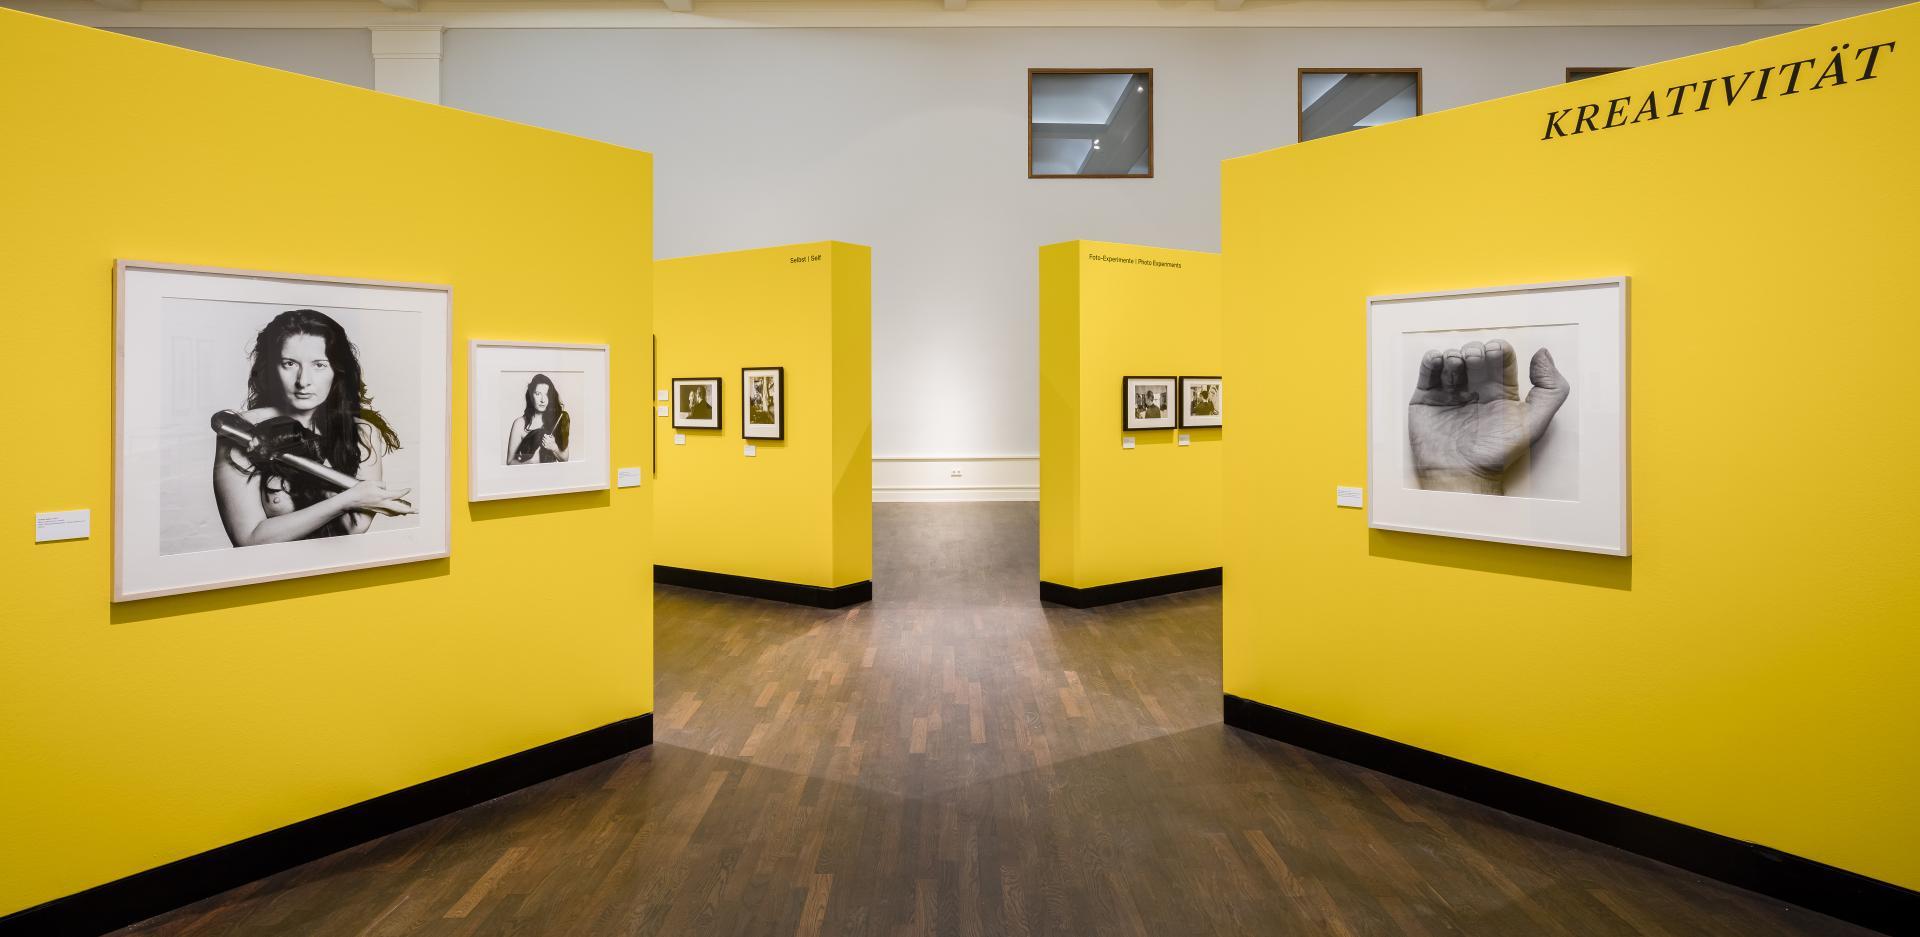 doisneau portraits of the artists